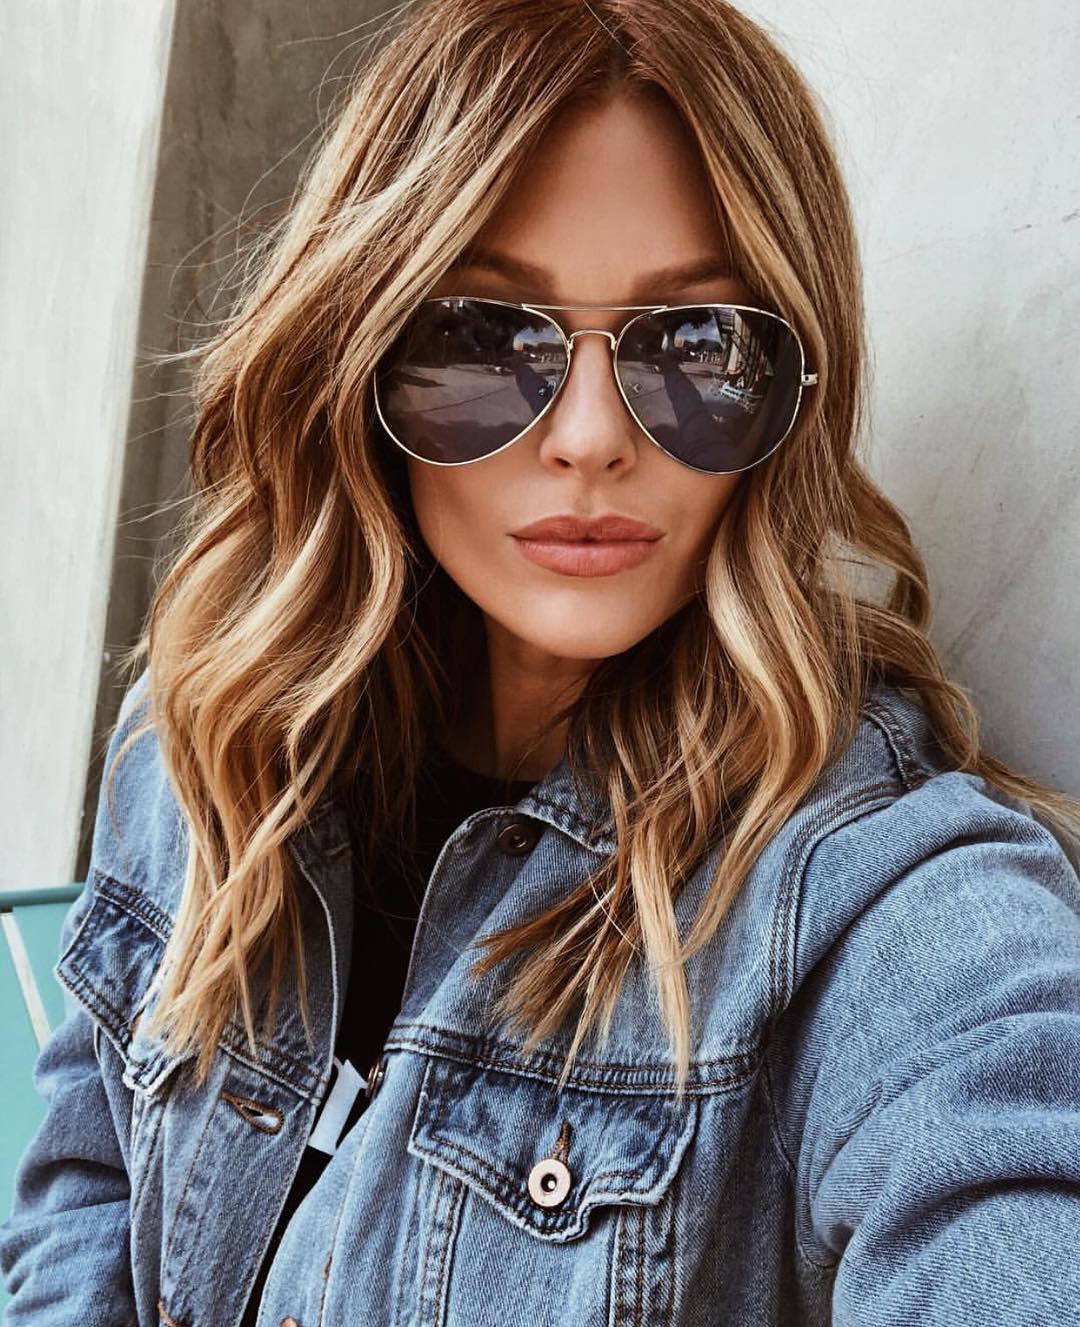 Da Montature Modelli 6 Fashion Cool E Occhiali 2019 I Più Sole jRLq435A